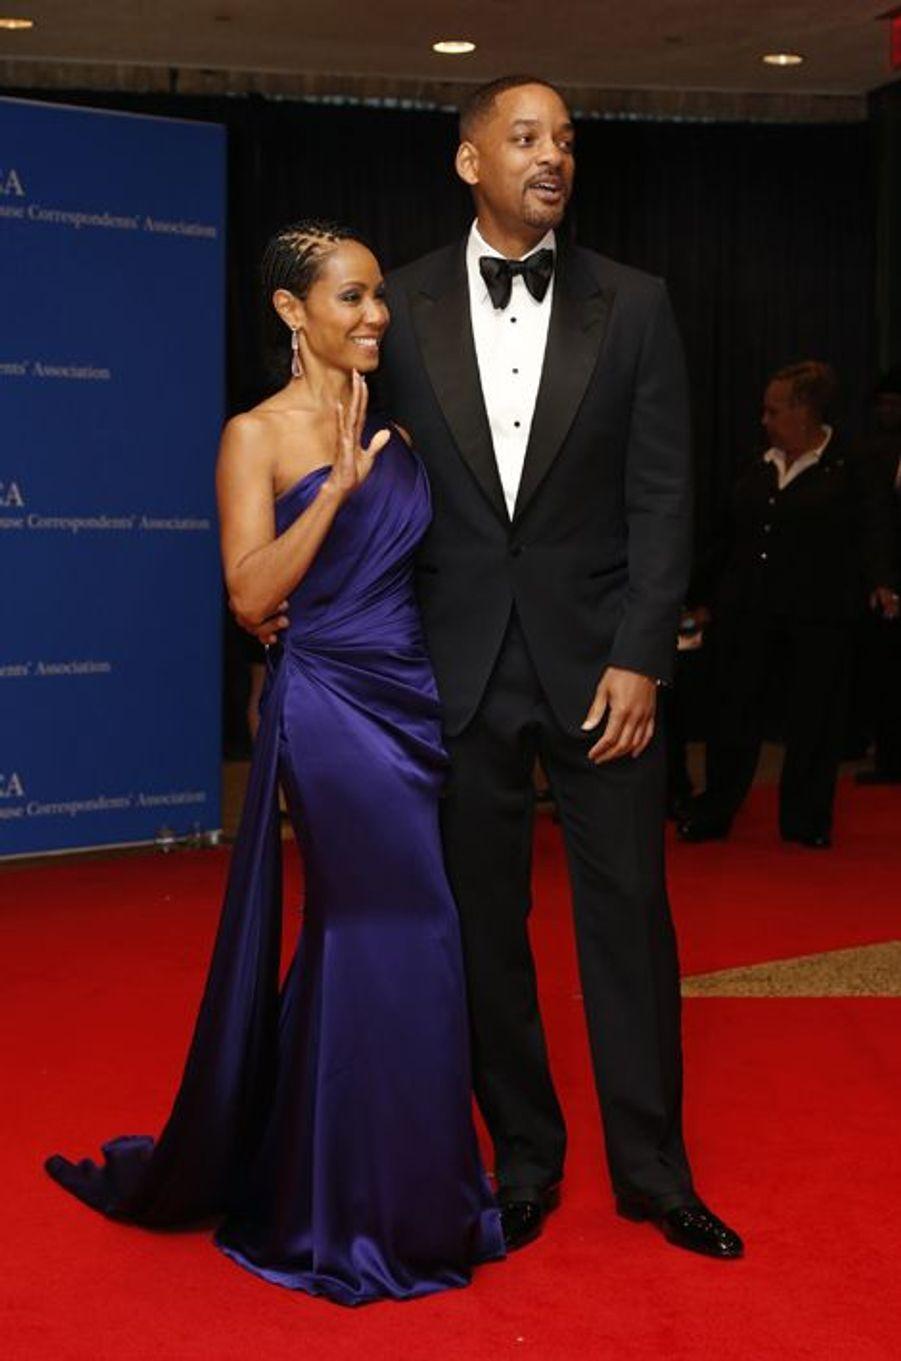 Jada Pinkett-Smith et Will Smith au dîner des Correspondants à la Maison Blanche, le 30 avril 2016 à Washington.